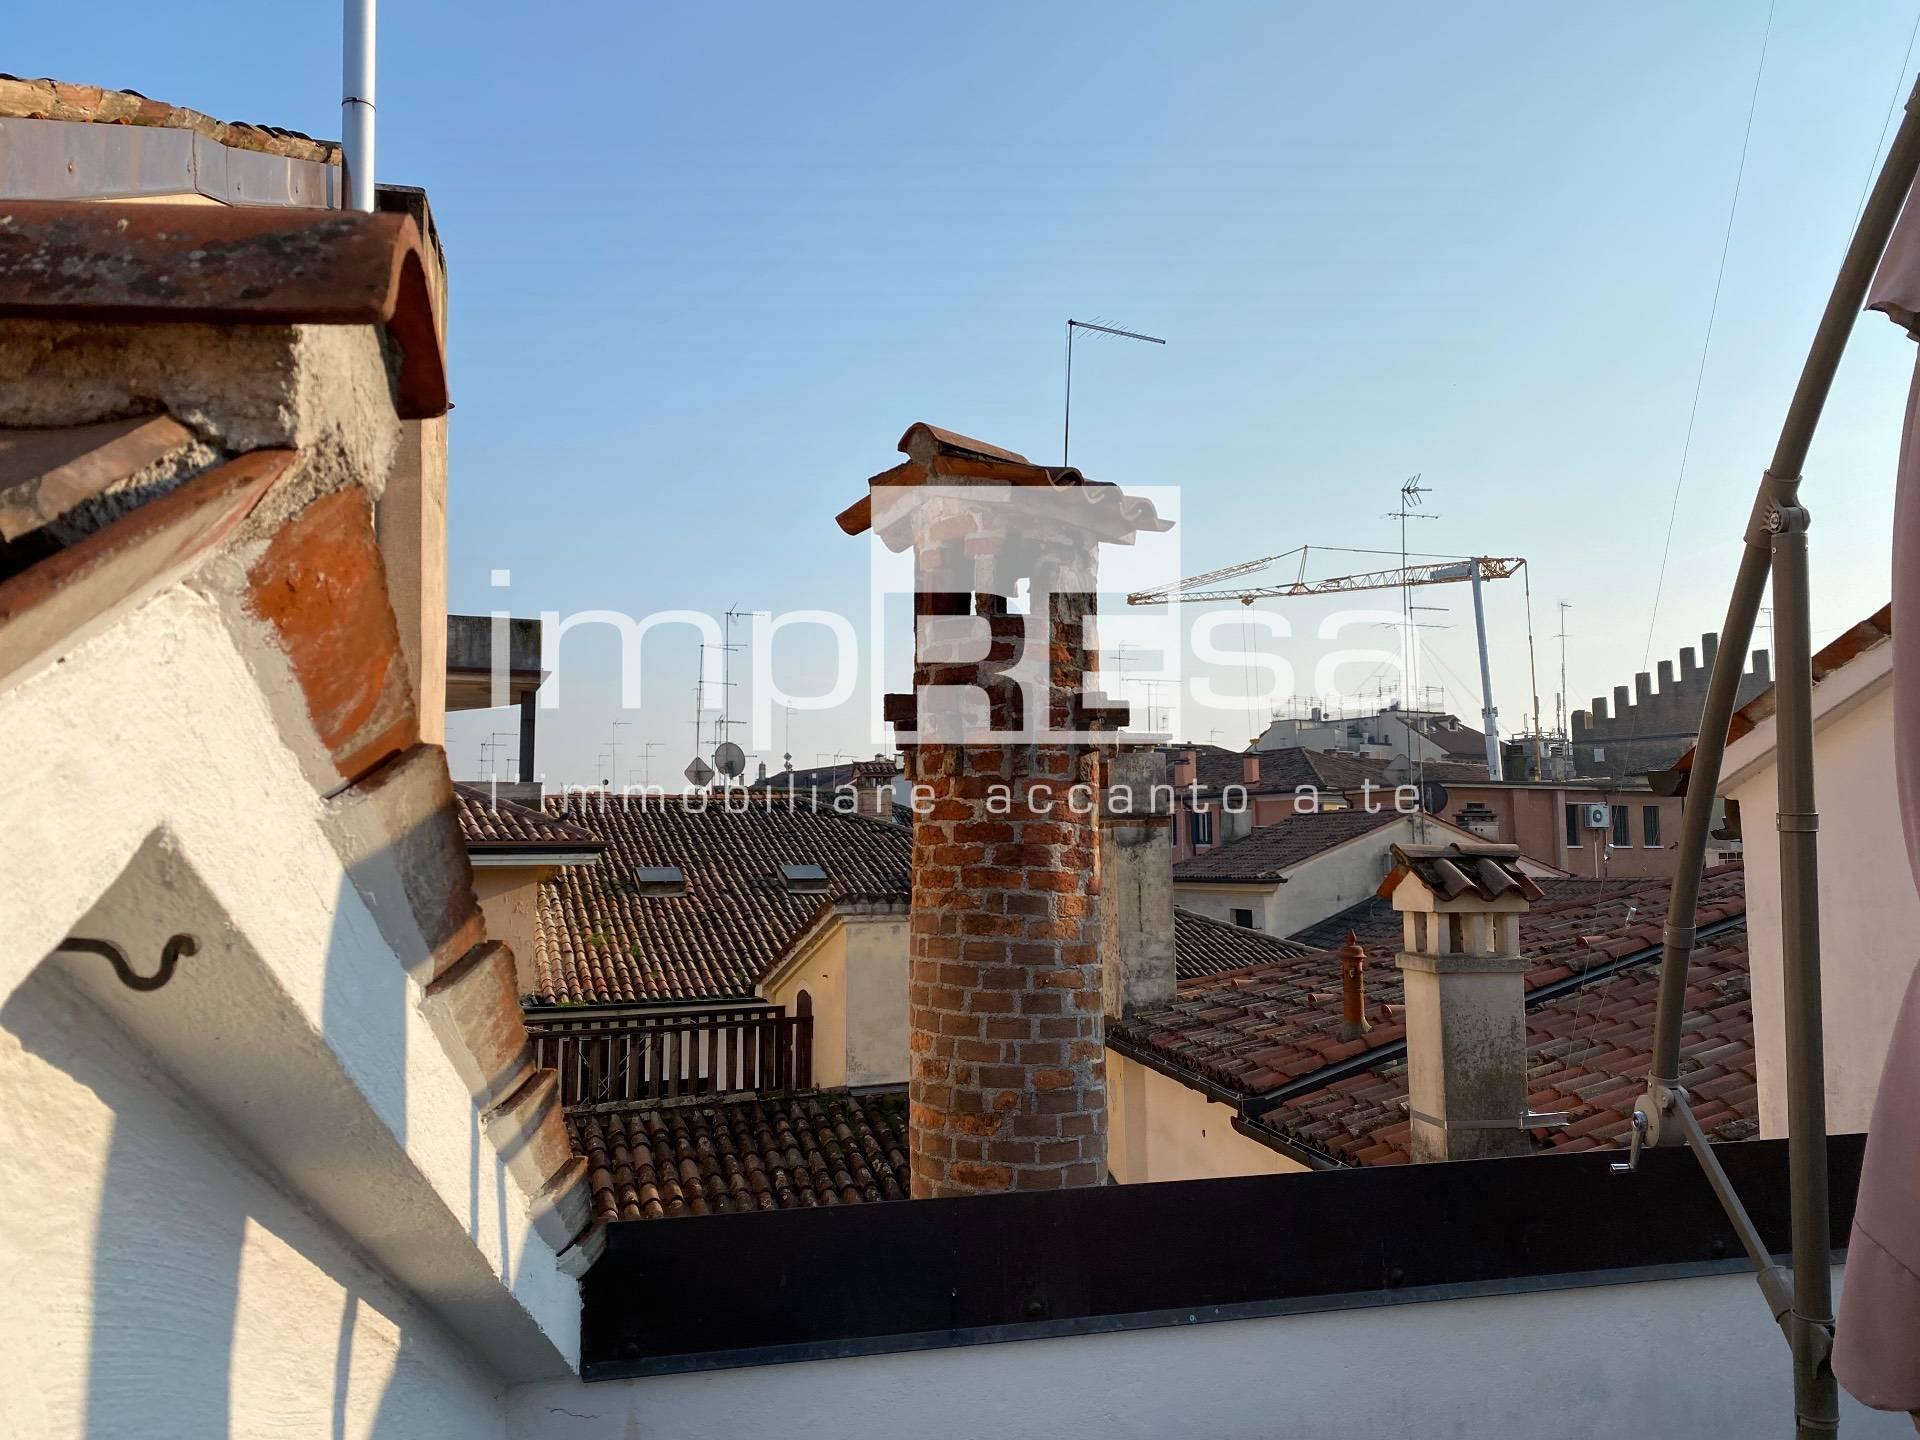 Attico / Mansarda in affitto a Treviso, 5 locali, zona Località: Centrostorico, prezzo € 900   CambioCasa.it